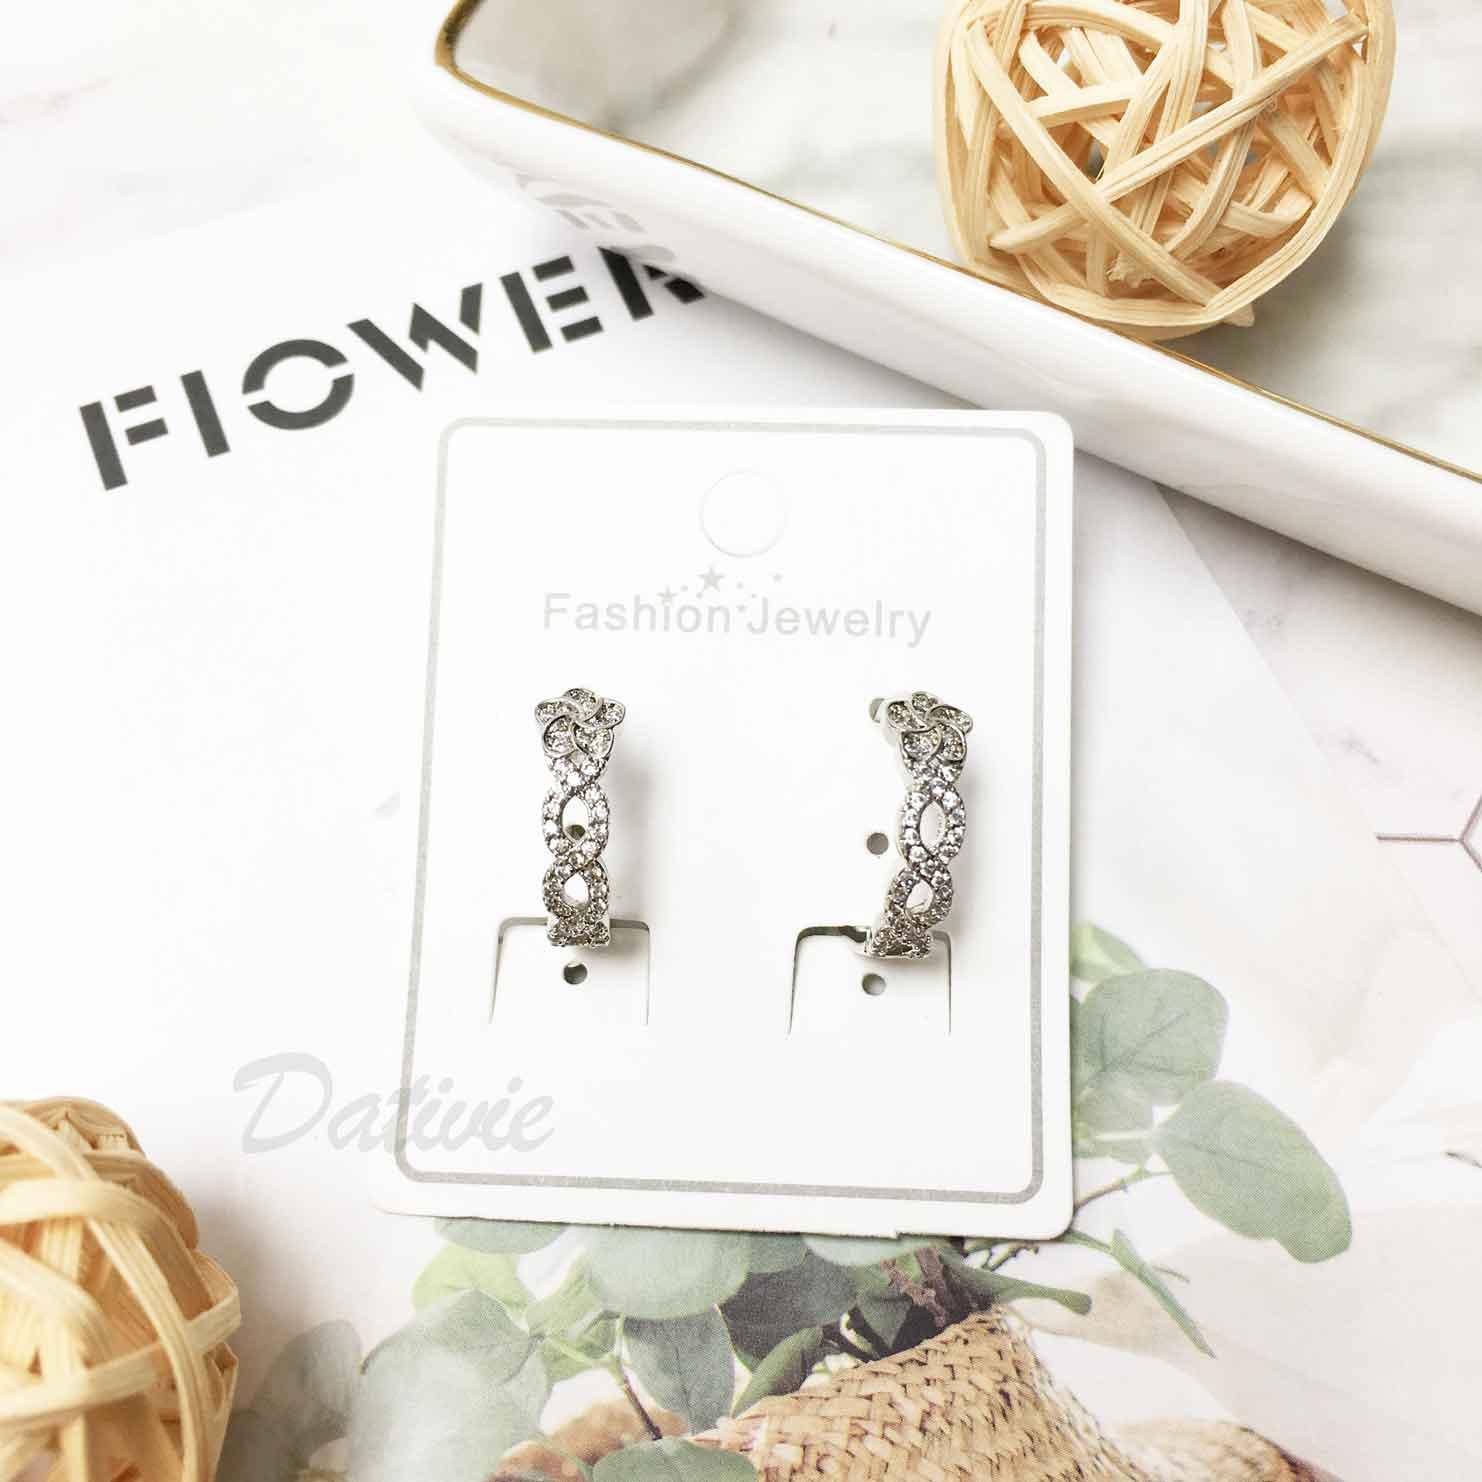 花水鑽 簍空 麻花造型 圓圈 圈圈 耳針式耳環